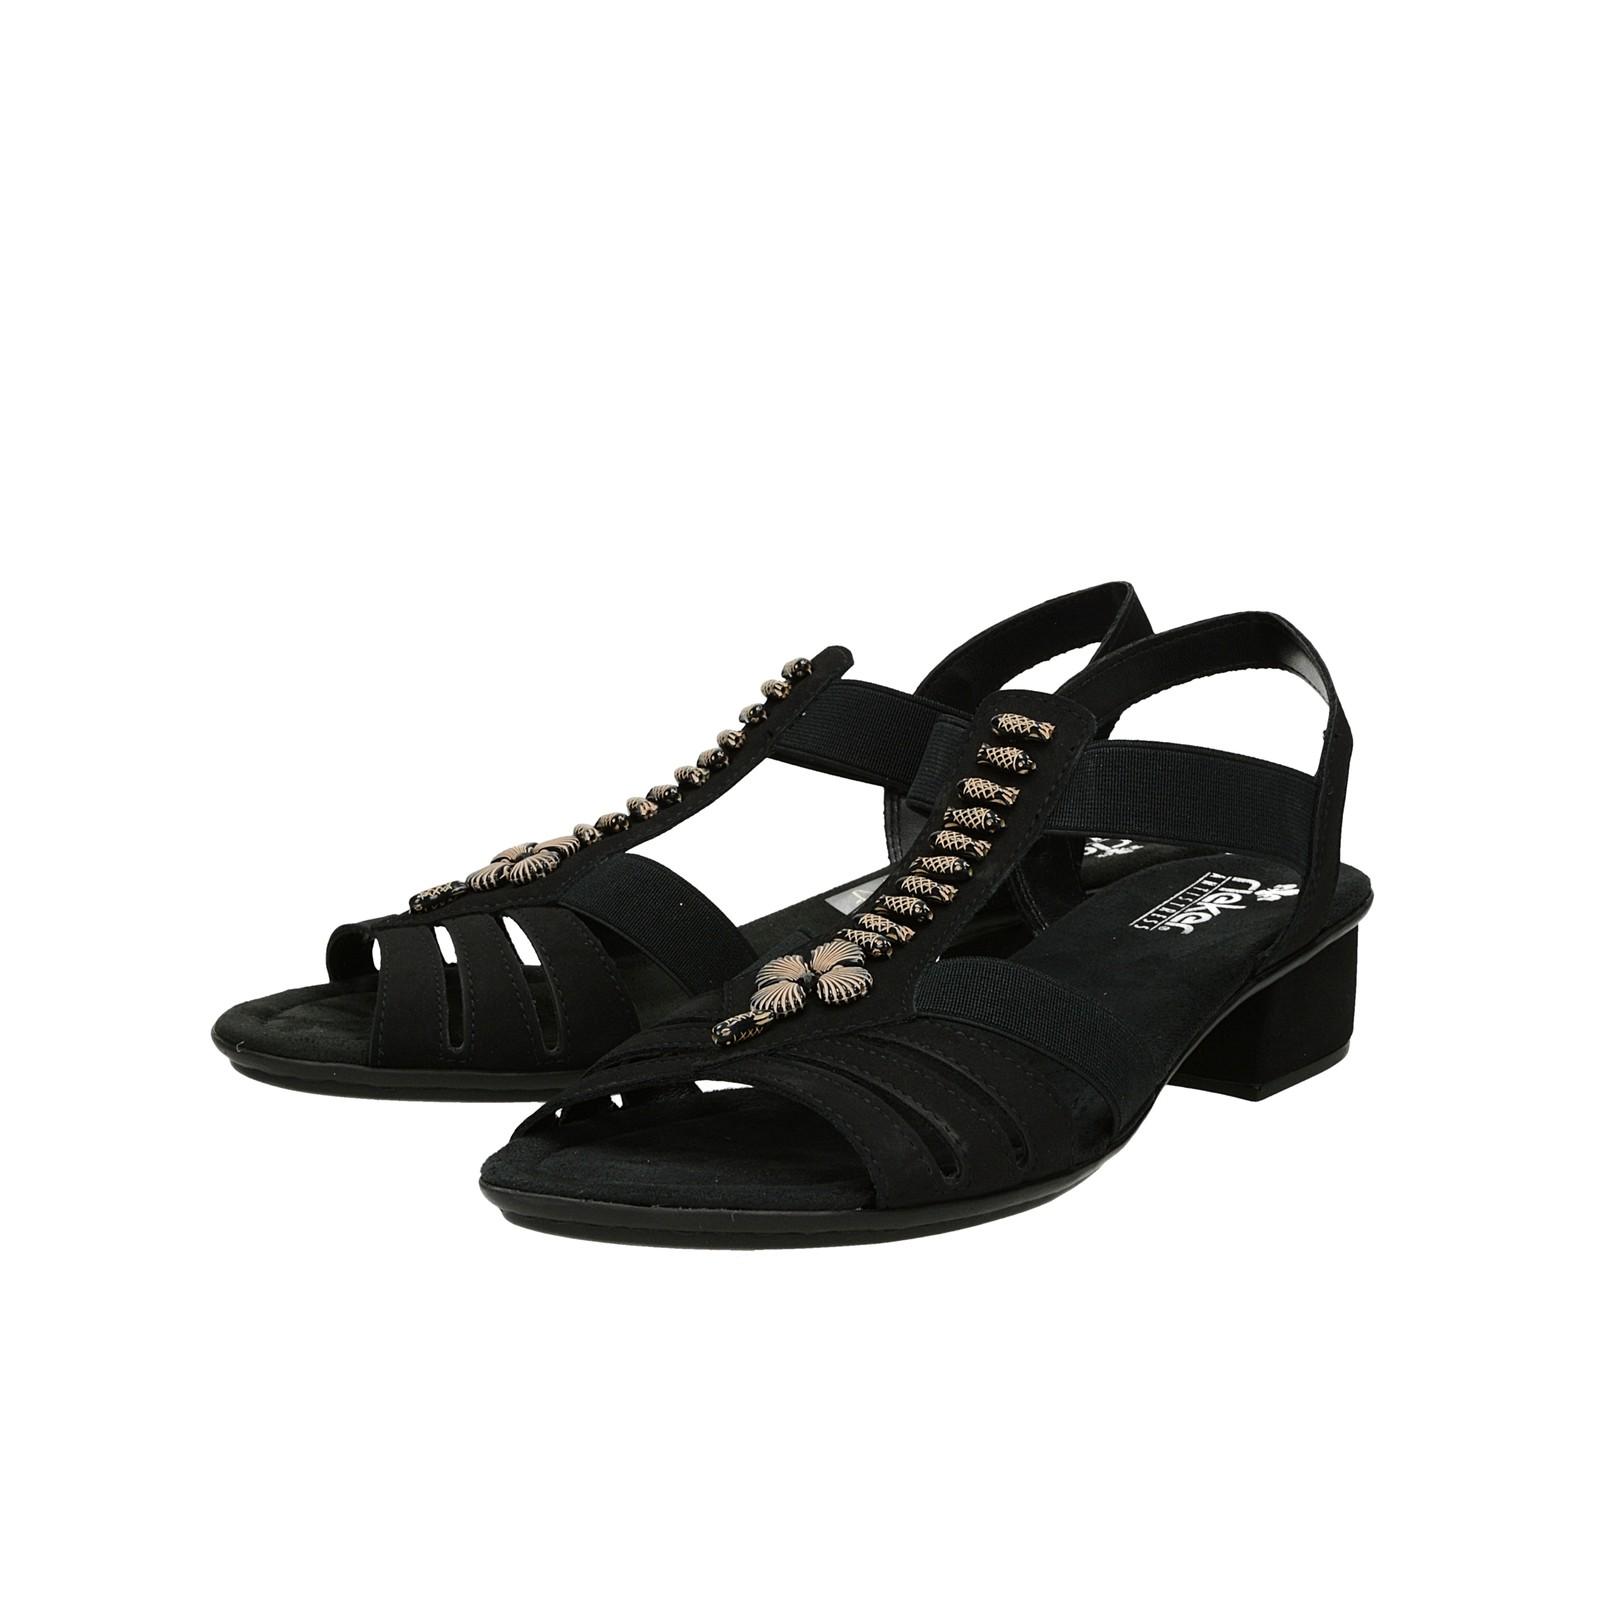 Rieker dámske sandále s ozdobnými prvkami - čierne